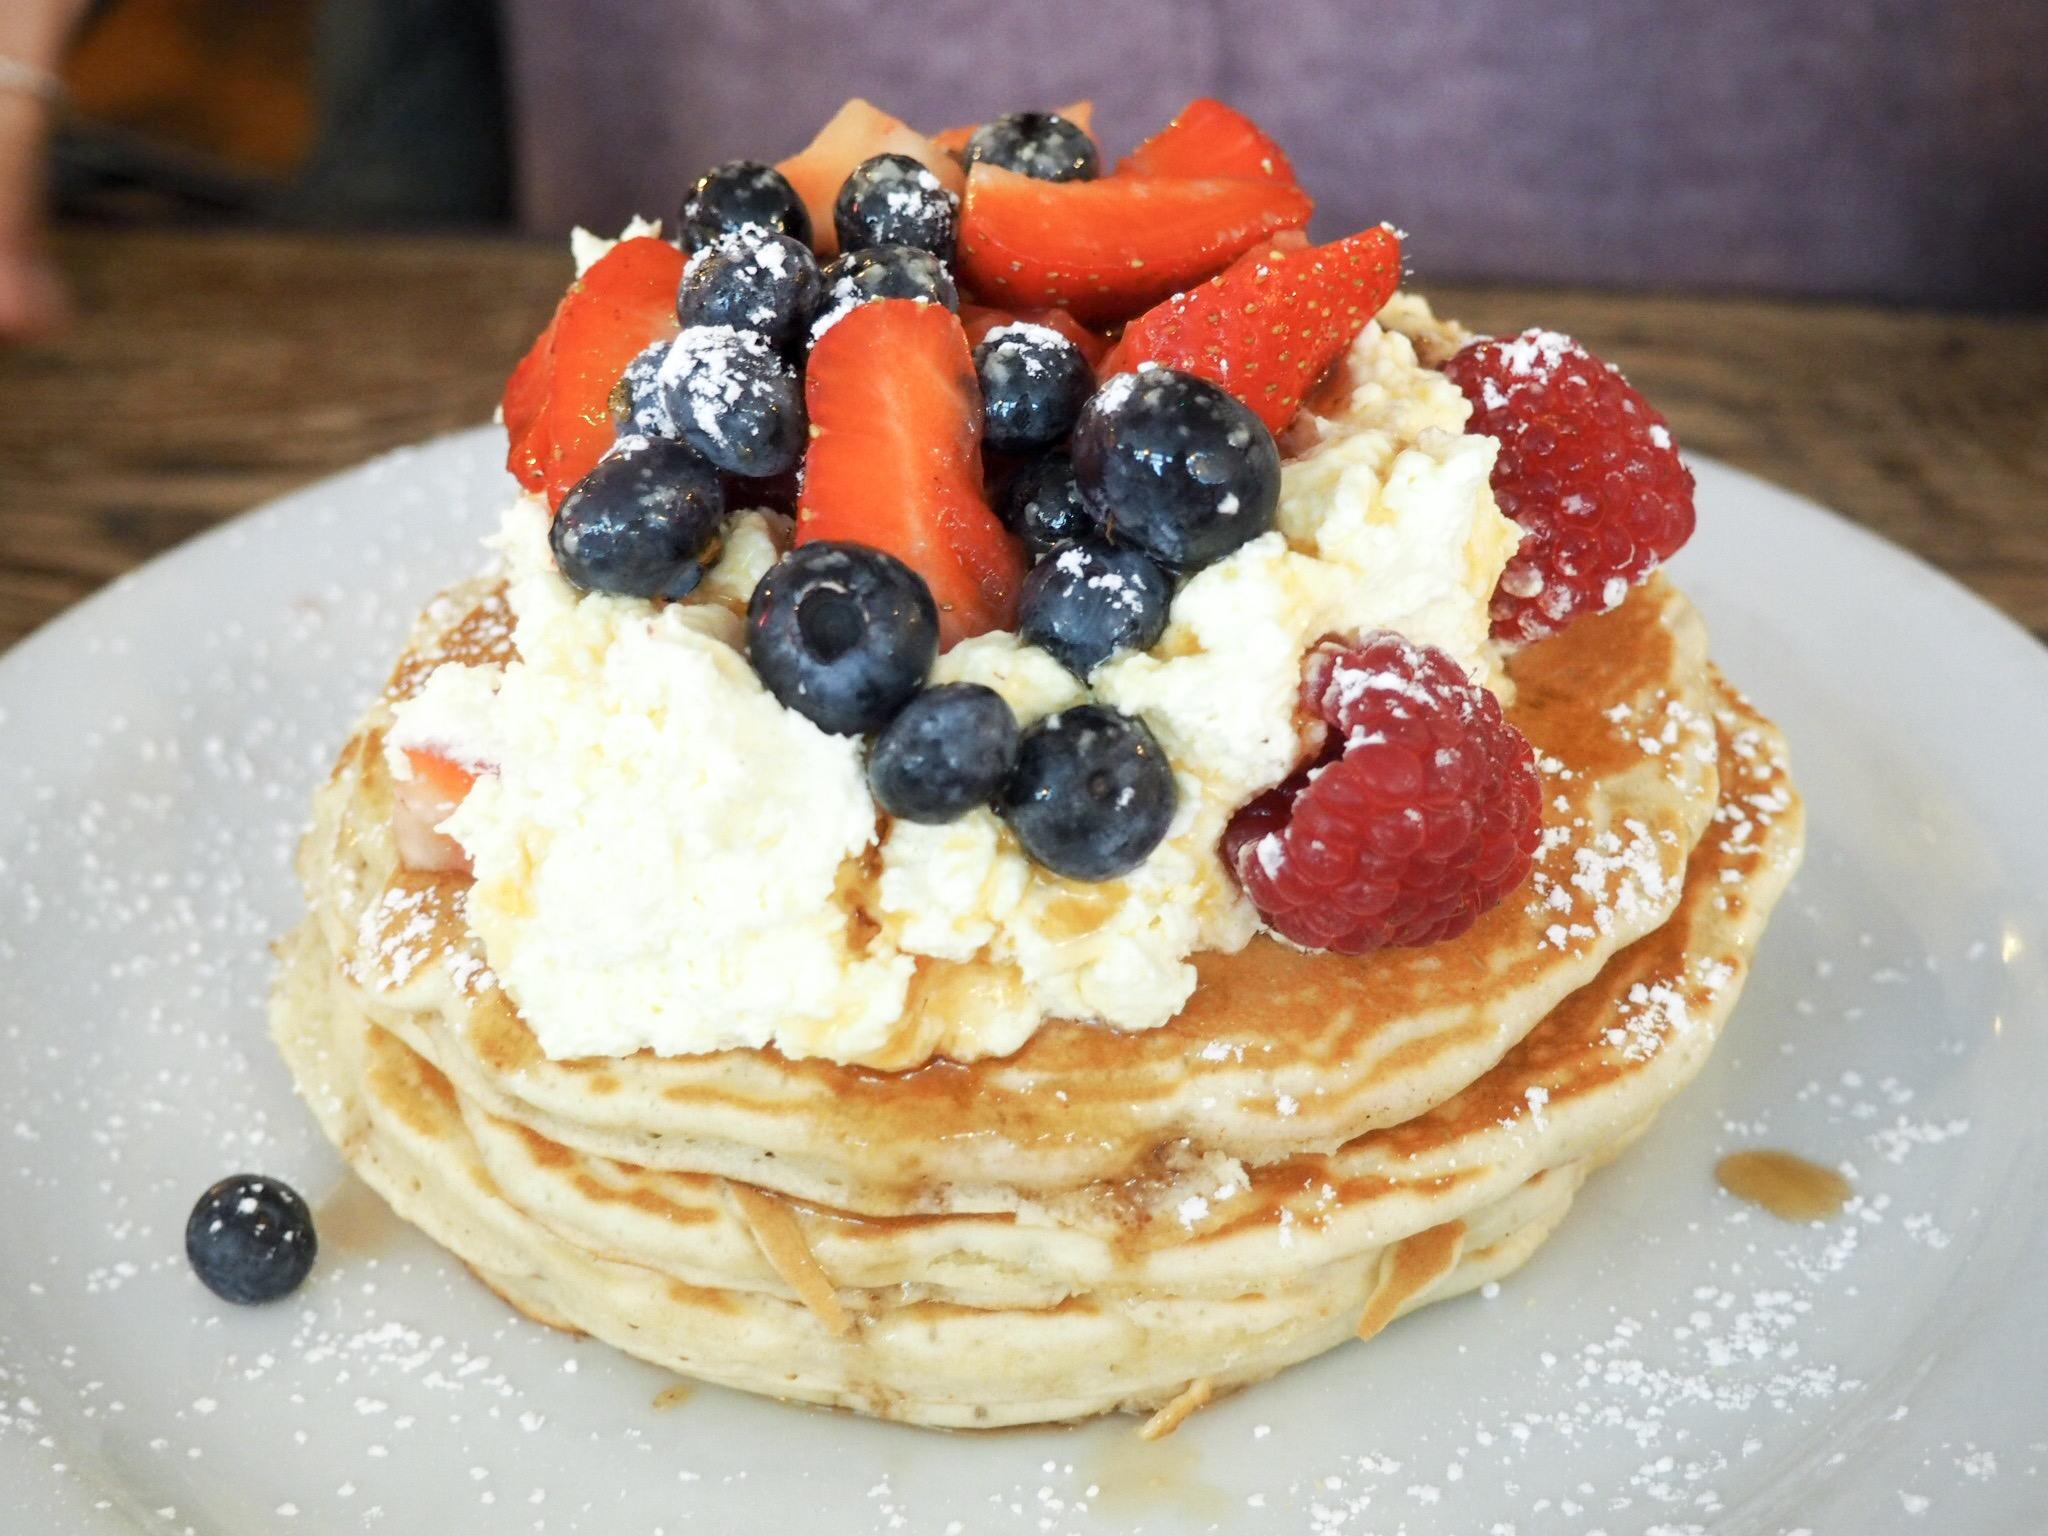 The Breakfast Club pancakes & berries